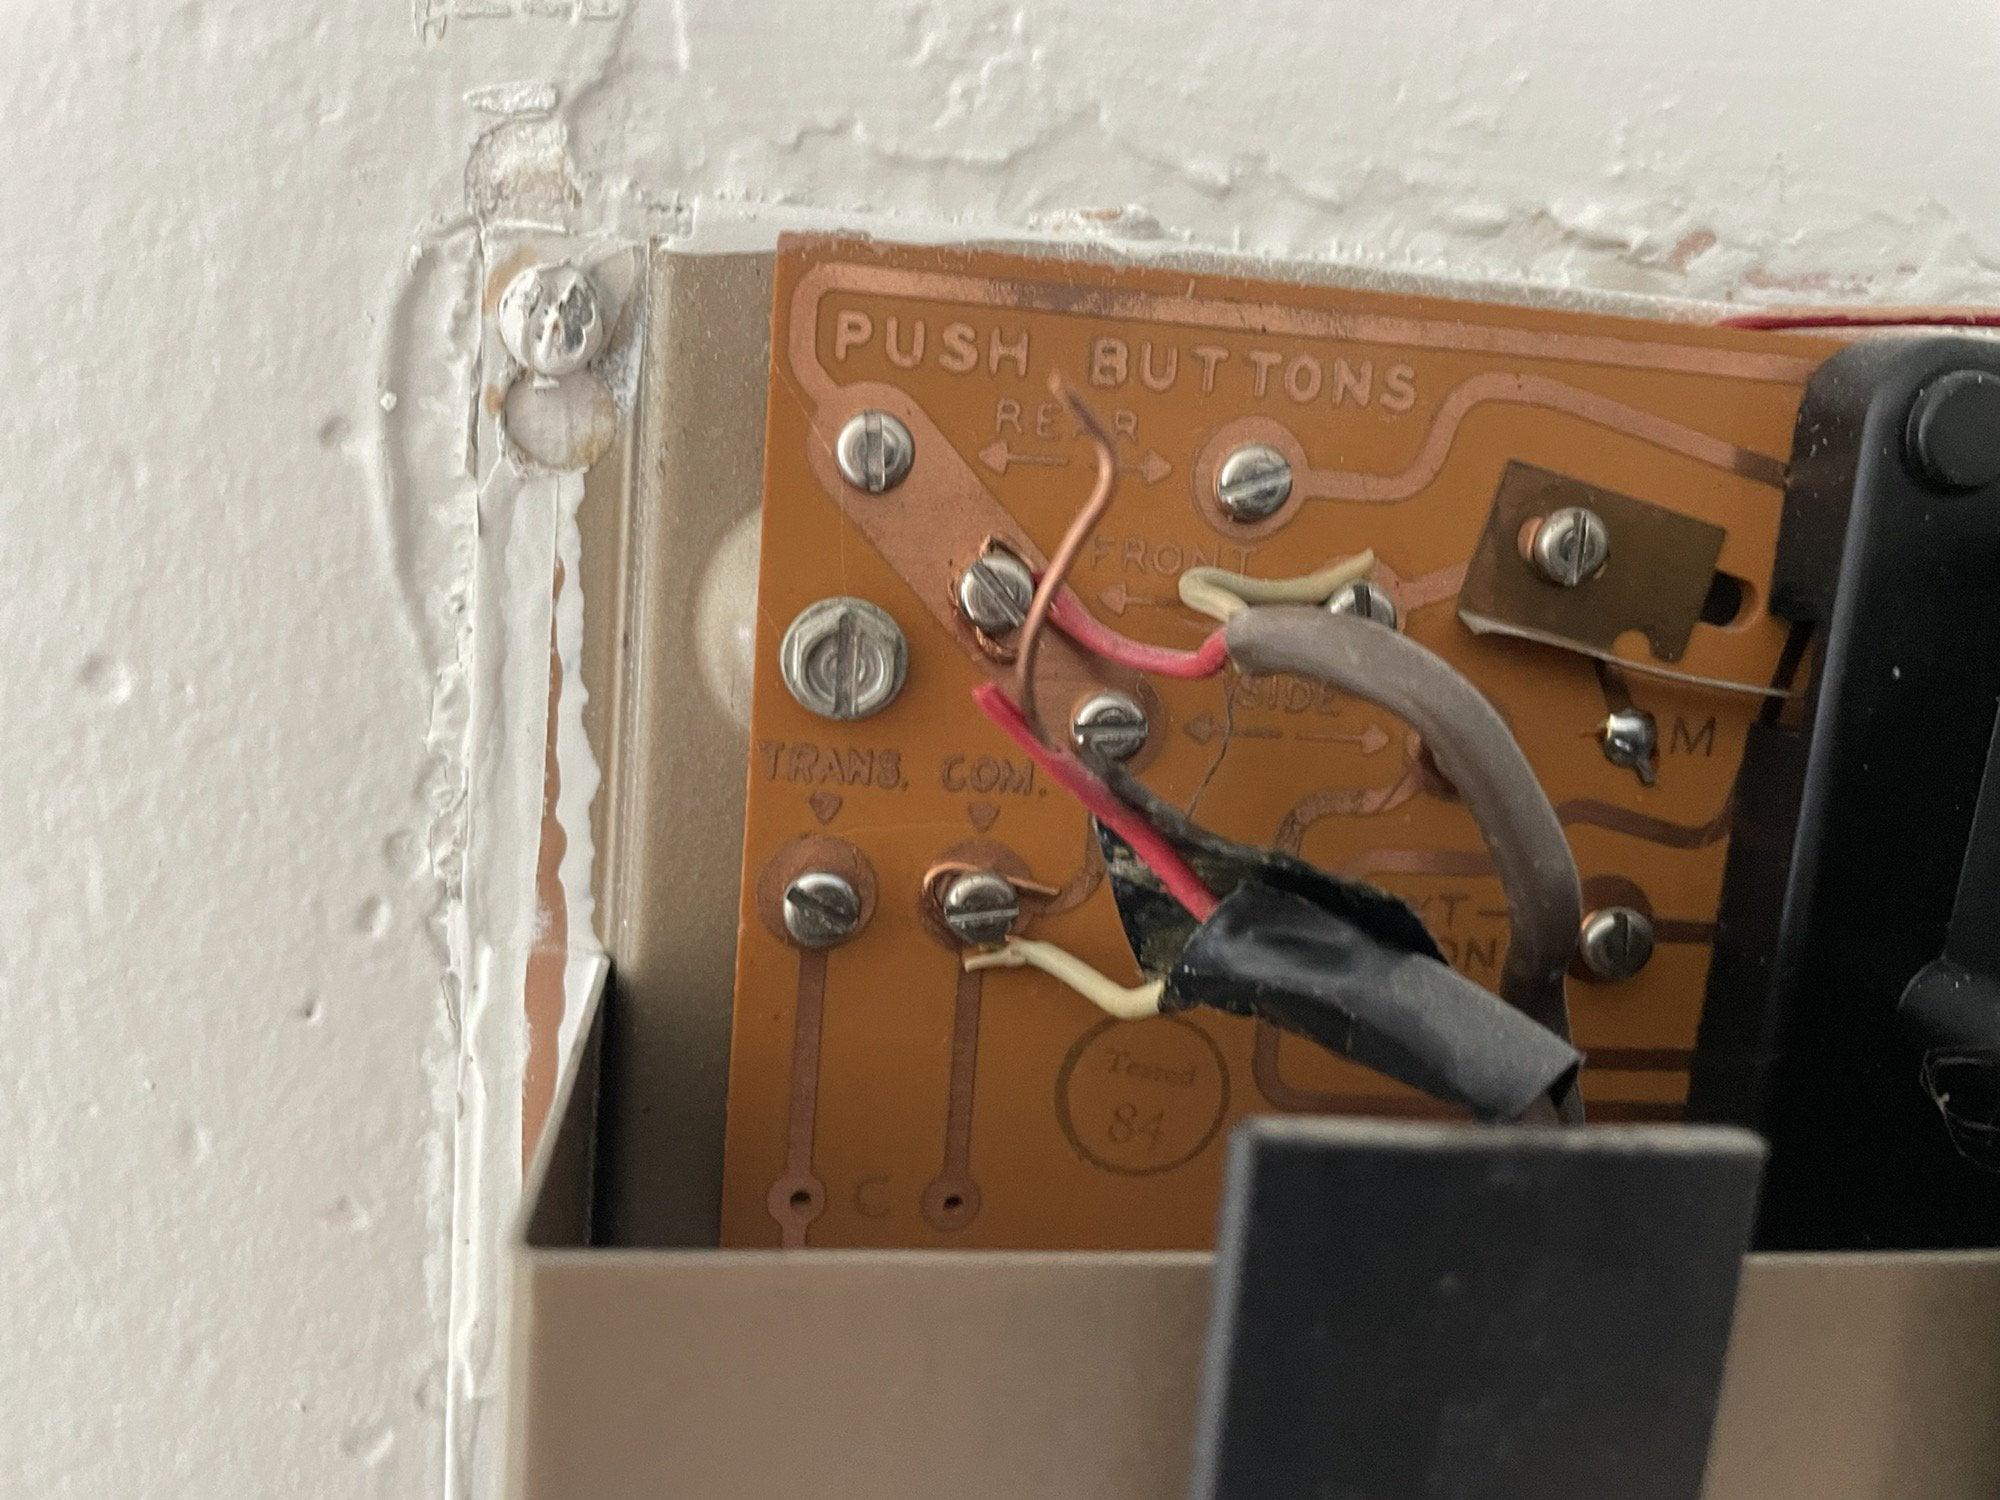 Kit Logitech Doorbell Chime Kit